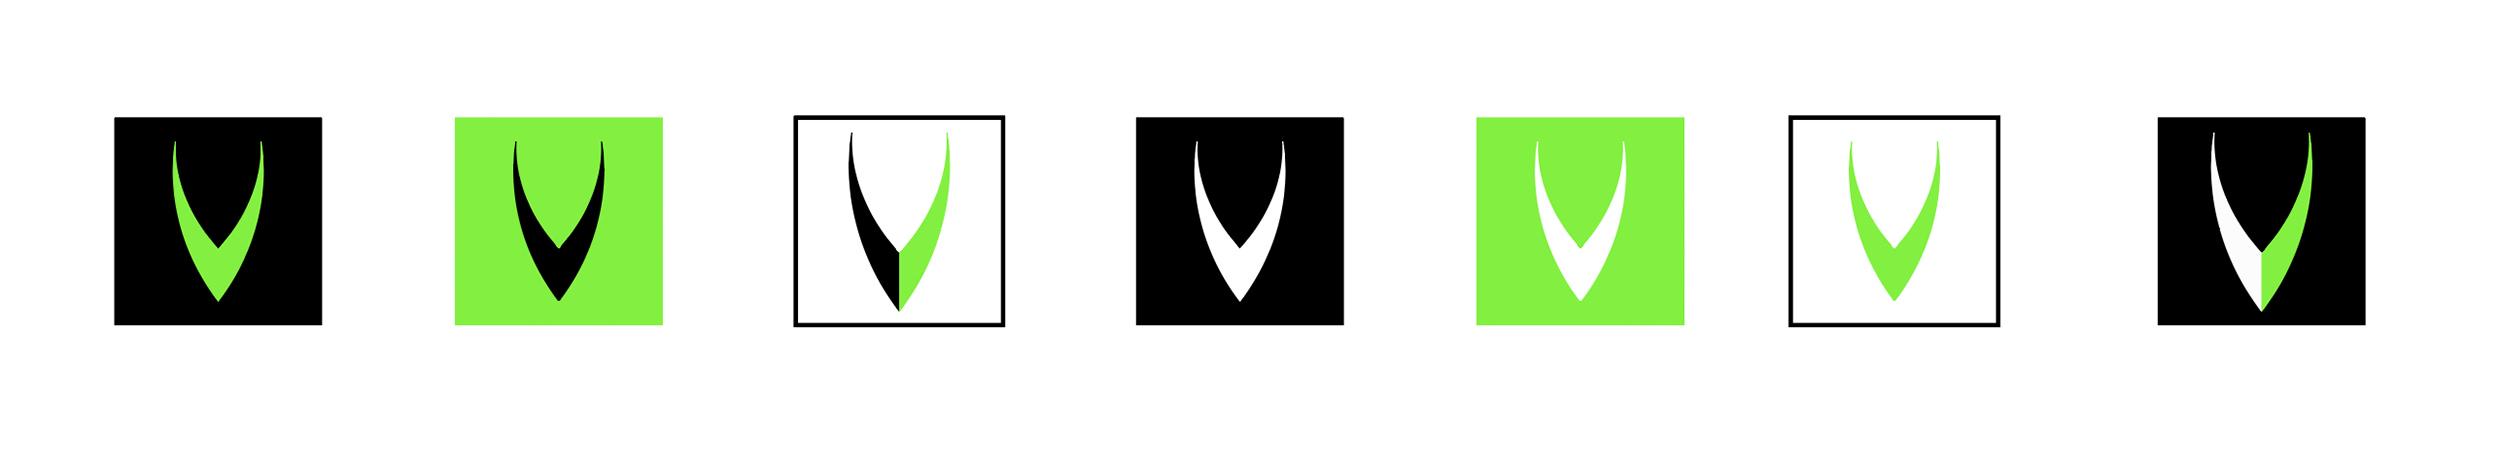 VV-Portfolio-5.jpg